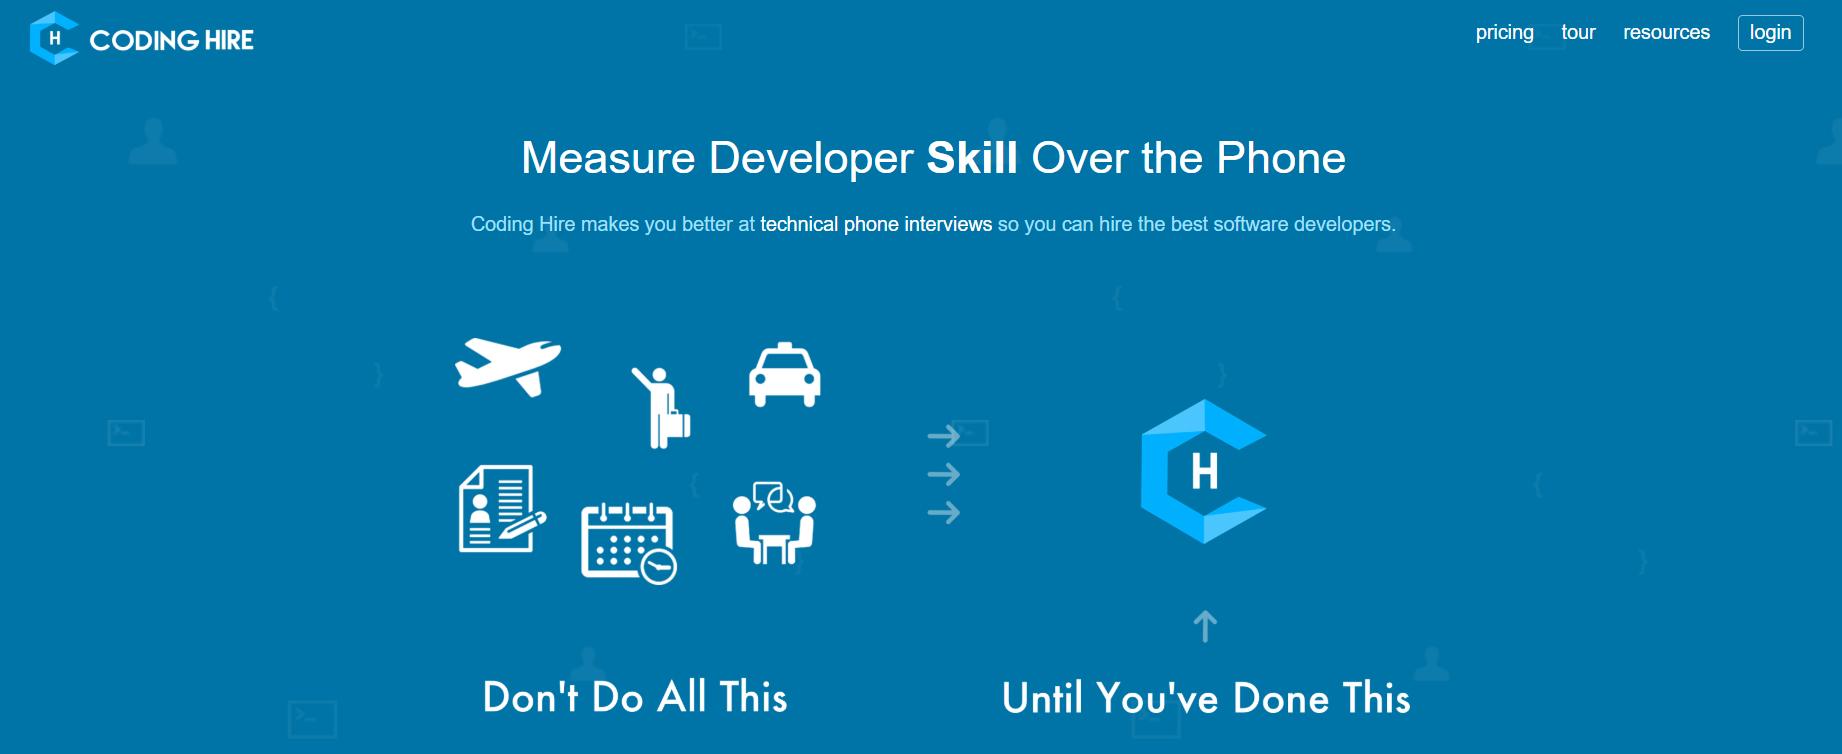 coding hire